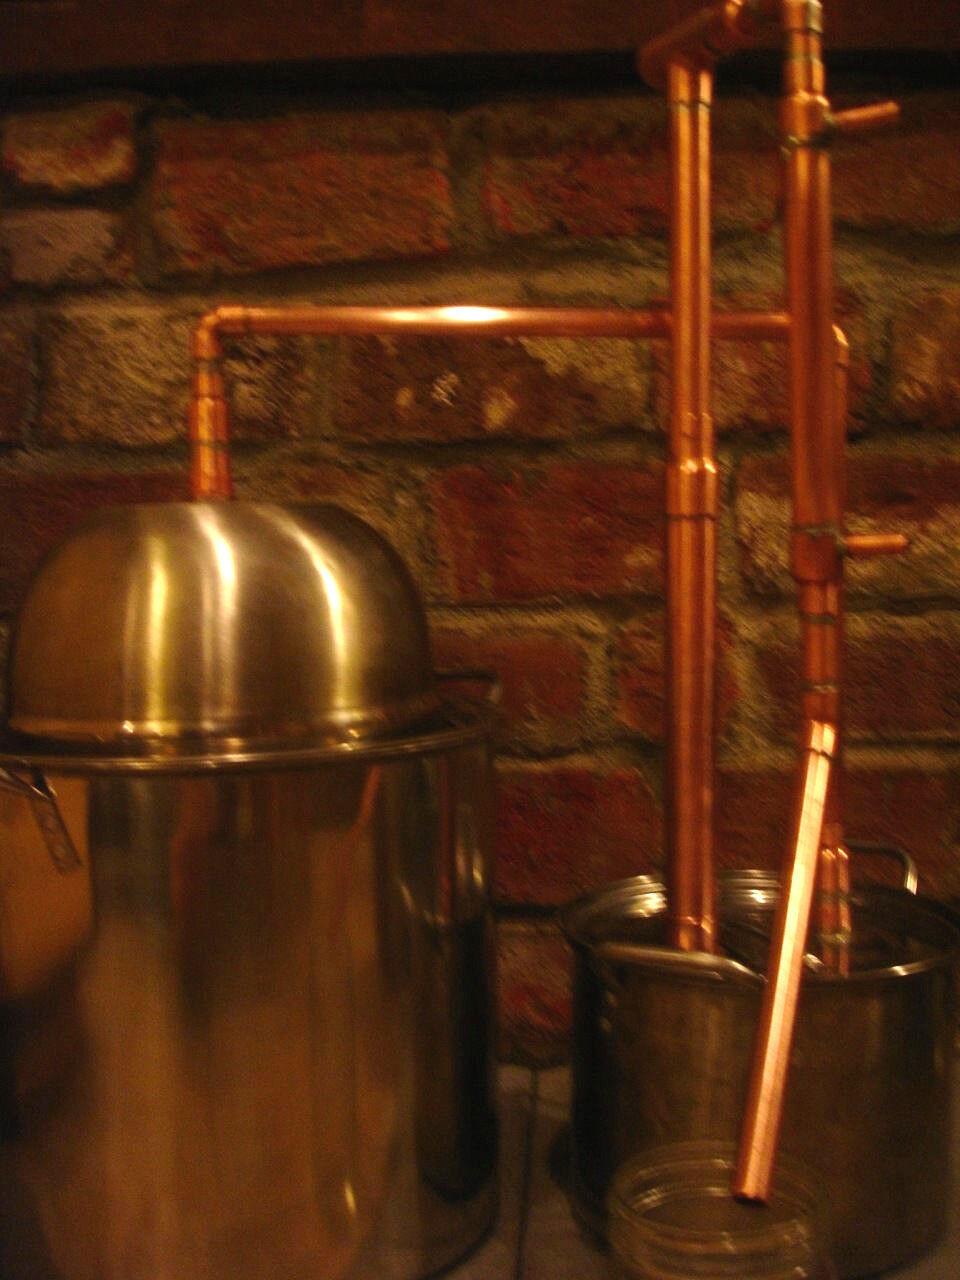 $194.99 - DELUXE REFLUX 5 Gallon Distiller Moonshine Copper Still Stainless Boiler Thumper